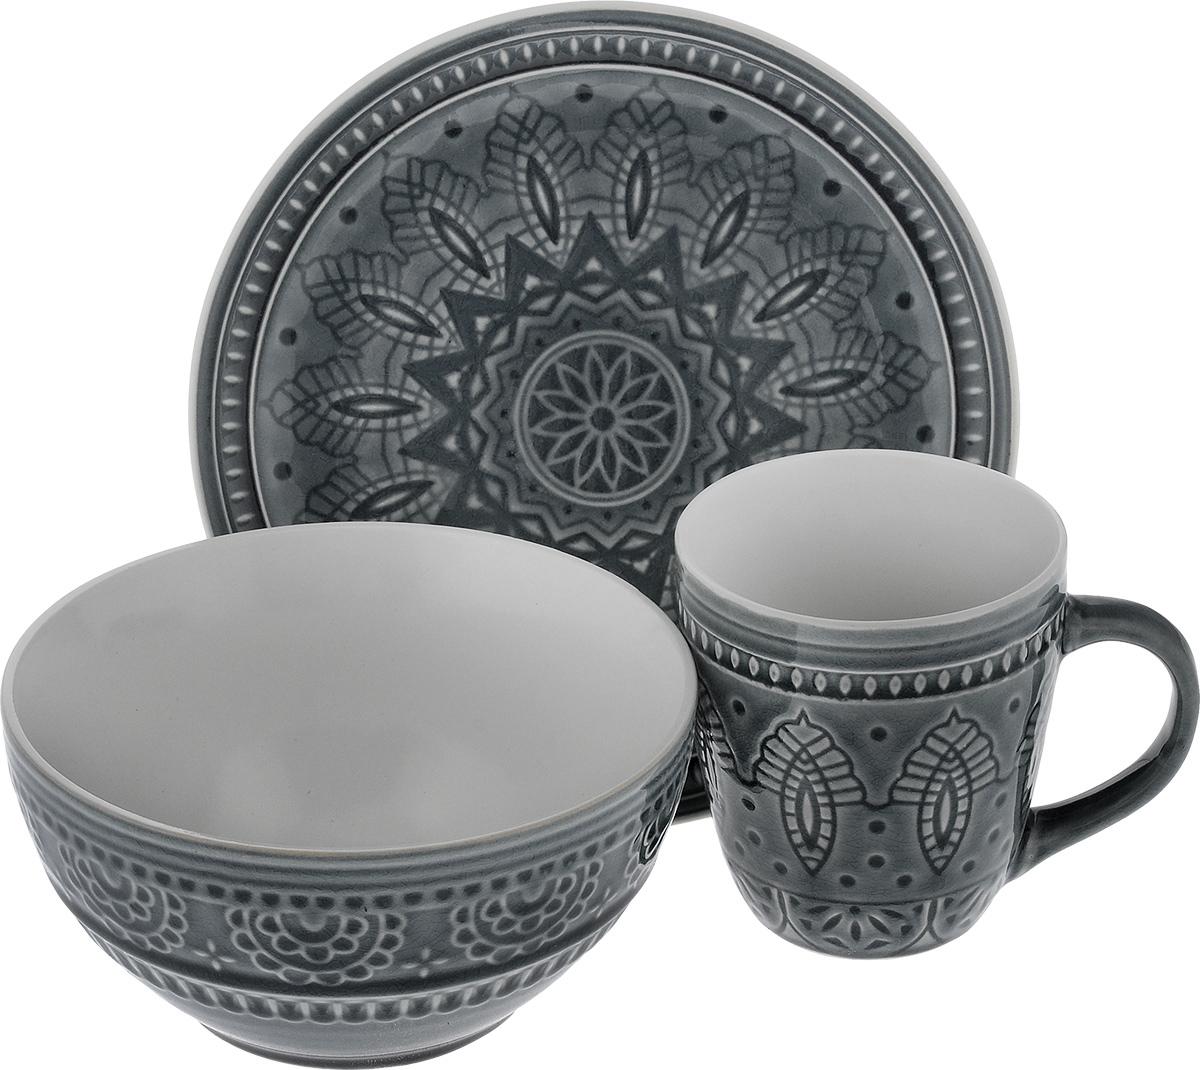 Набор столовой посуды Tongo, цвет: серый, 3 предметаS-03 g TongoНабор столовой посуды Tongo состоит из салатника, кружки, десертной тарелки. Изделия выполнены из экологически чистой каменной керамики, покрытой сверкающей глазурью. Посуда оформлена изысканным рельефным орнаментом. Поверхность слегка потрескавшаяся, что придает изделию винтажный вид и оттенок старины. Такой набор посуды прекрасно подходит как для торжественных случаев, так и для повседневного использования. Стильный дизайн изящно украсит сервировку стола. Можно использовать в посудомоечной машине и СВЧ. Диаметр десертной тарелки: 20,5 см. Объем салатника: 800 мл. Диаметр салатника (по верхнему краю): 16 см. Высота салатника: 8 см. Объем кружки: 350 мл. Диаметр кружки (по верхнему краю): 9 см. Высота кружки: 10 см.